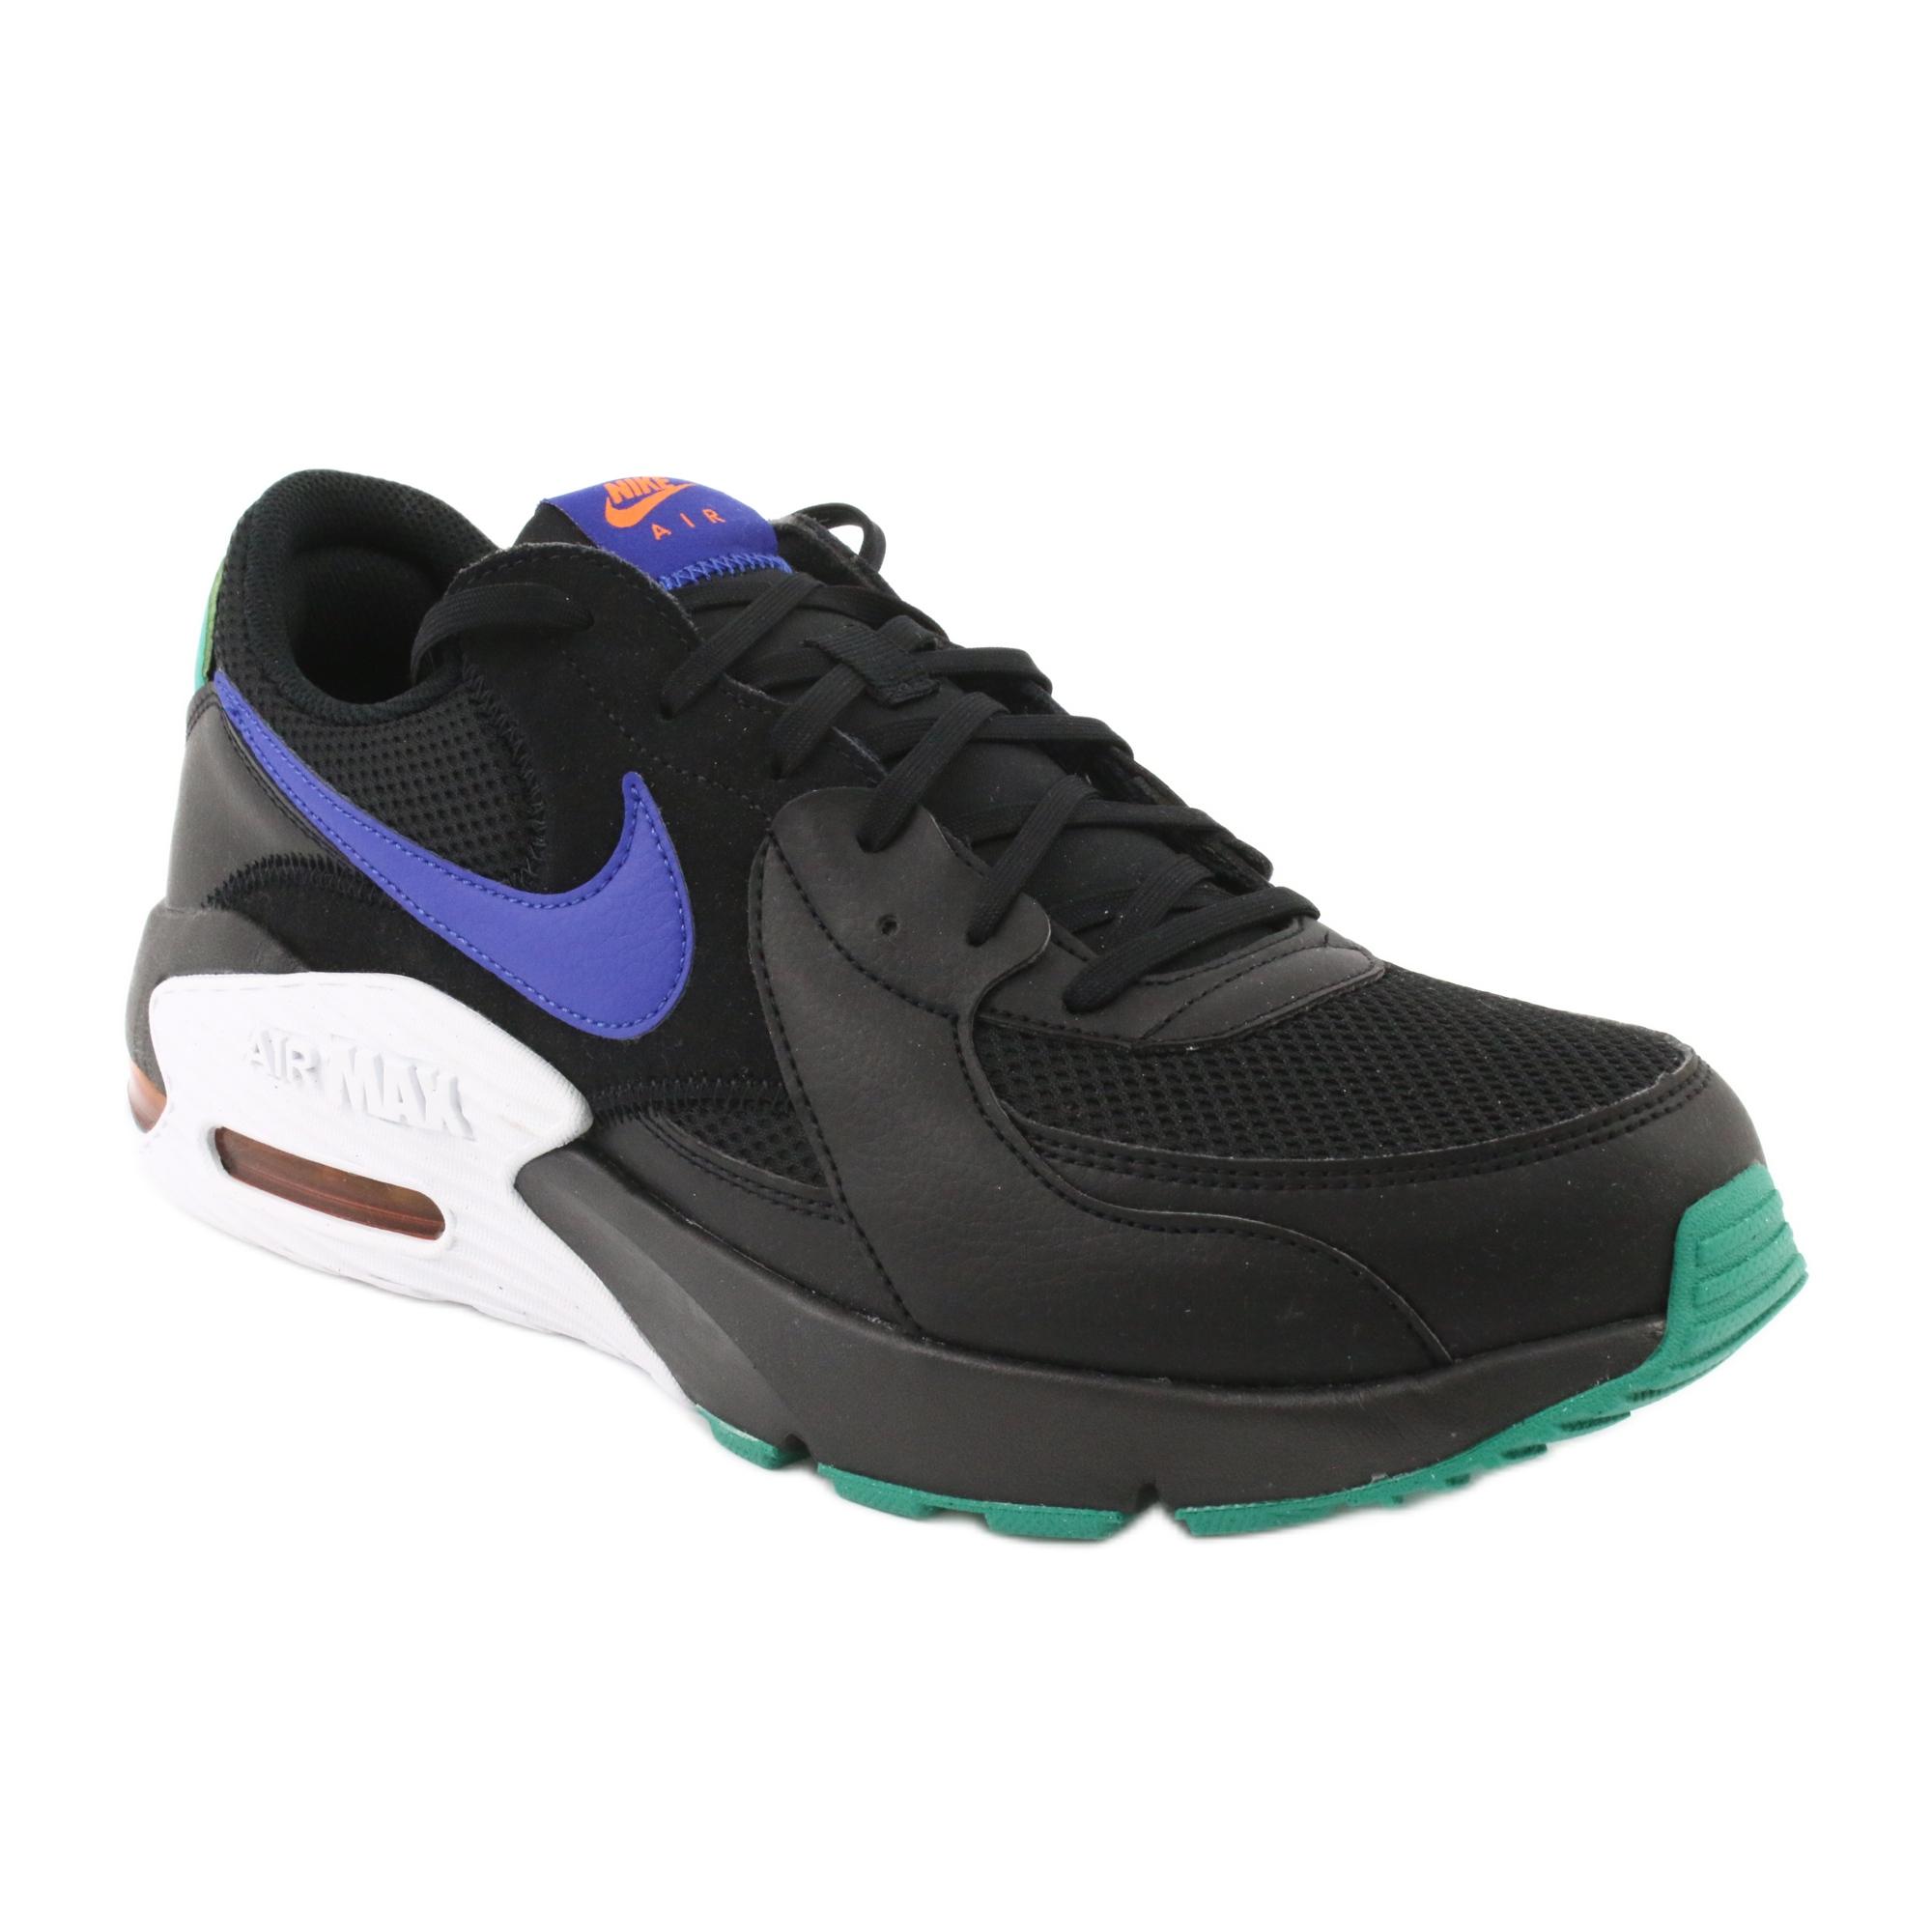 Férfi cipő férfiak Nike ButyModne.pl